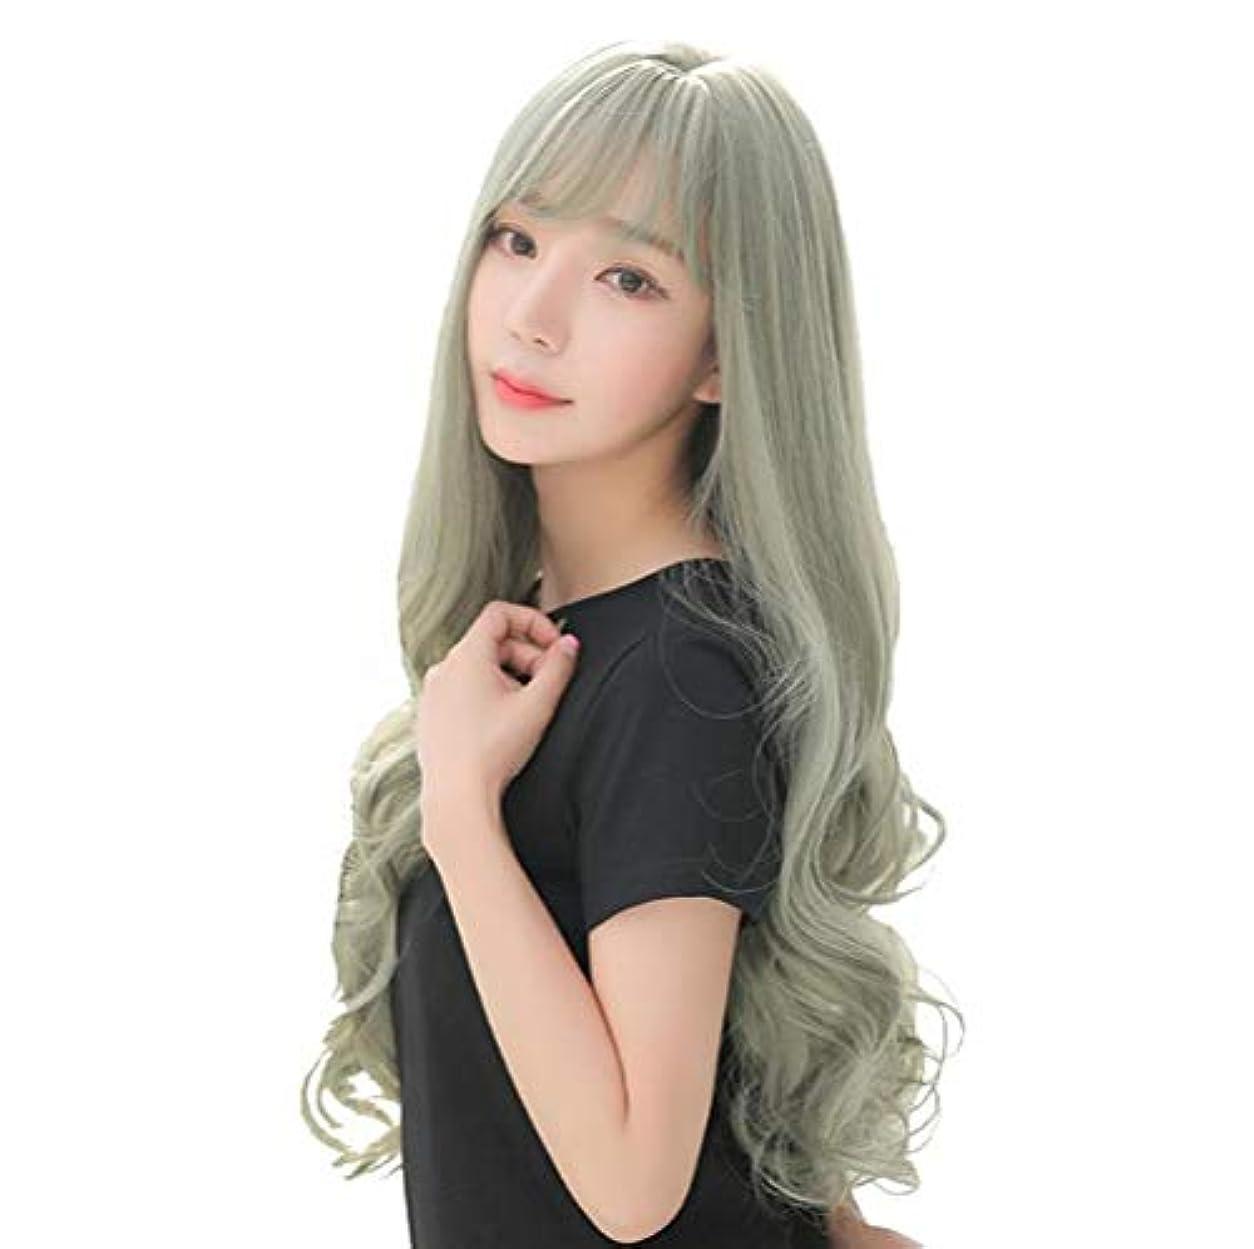 細胞ステープル顔料かつら女性アッシュグリーン高温シルク長い巻き毛ビッグウェーブ空気前髪 LH2203 (アッシュグリーン)